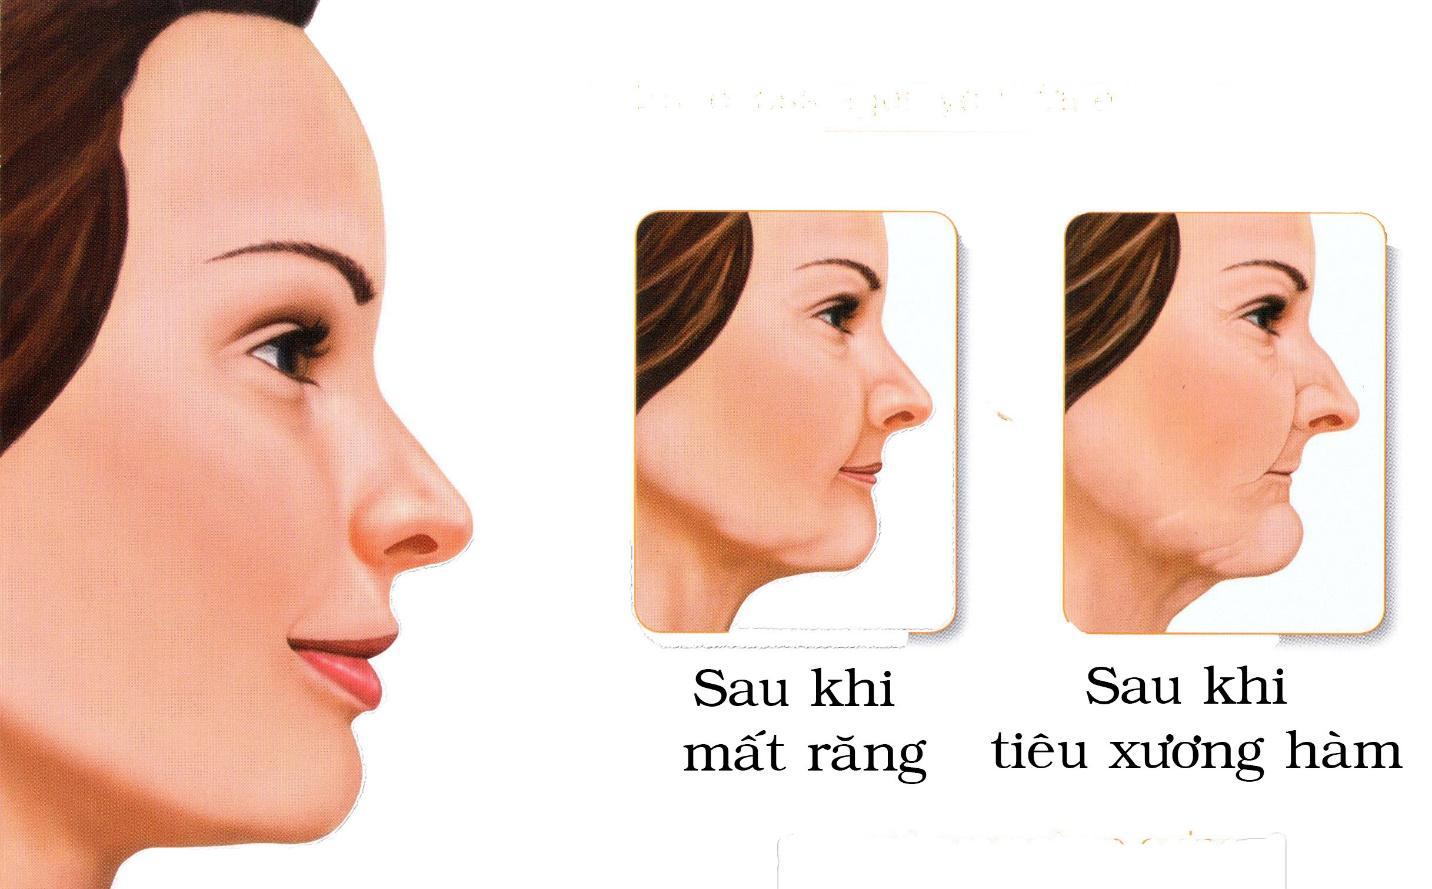 Khuôn mặt thay đổi khi bị mất răng và tiêu xương hàm